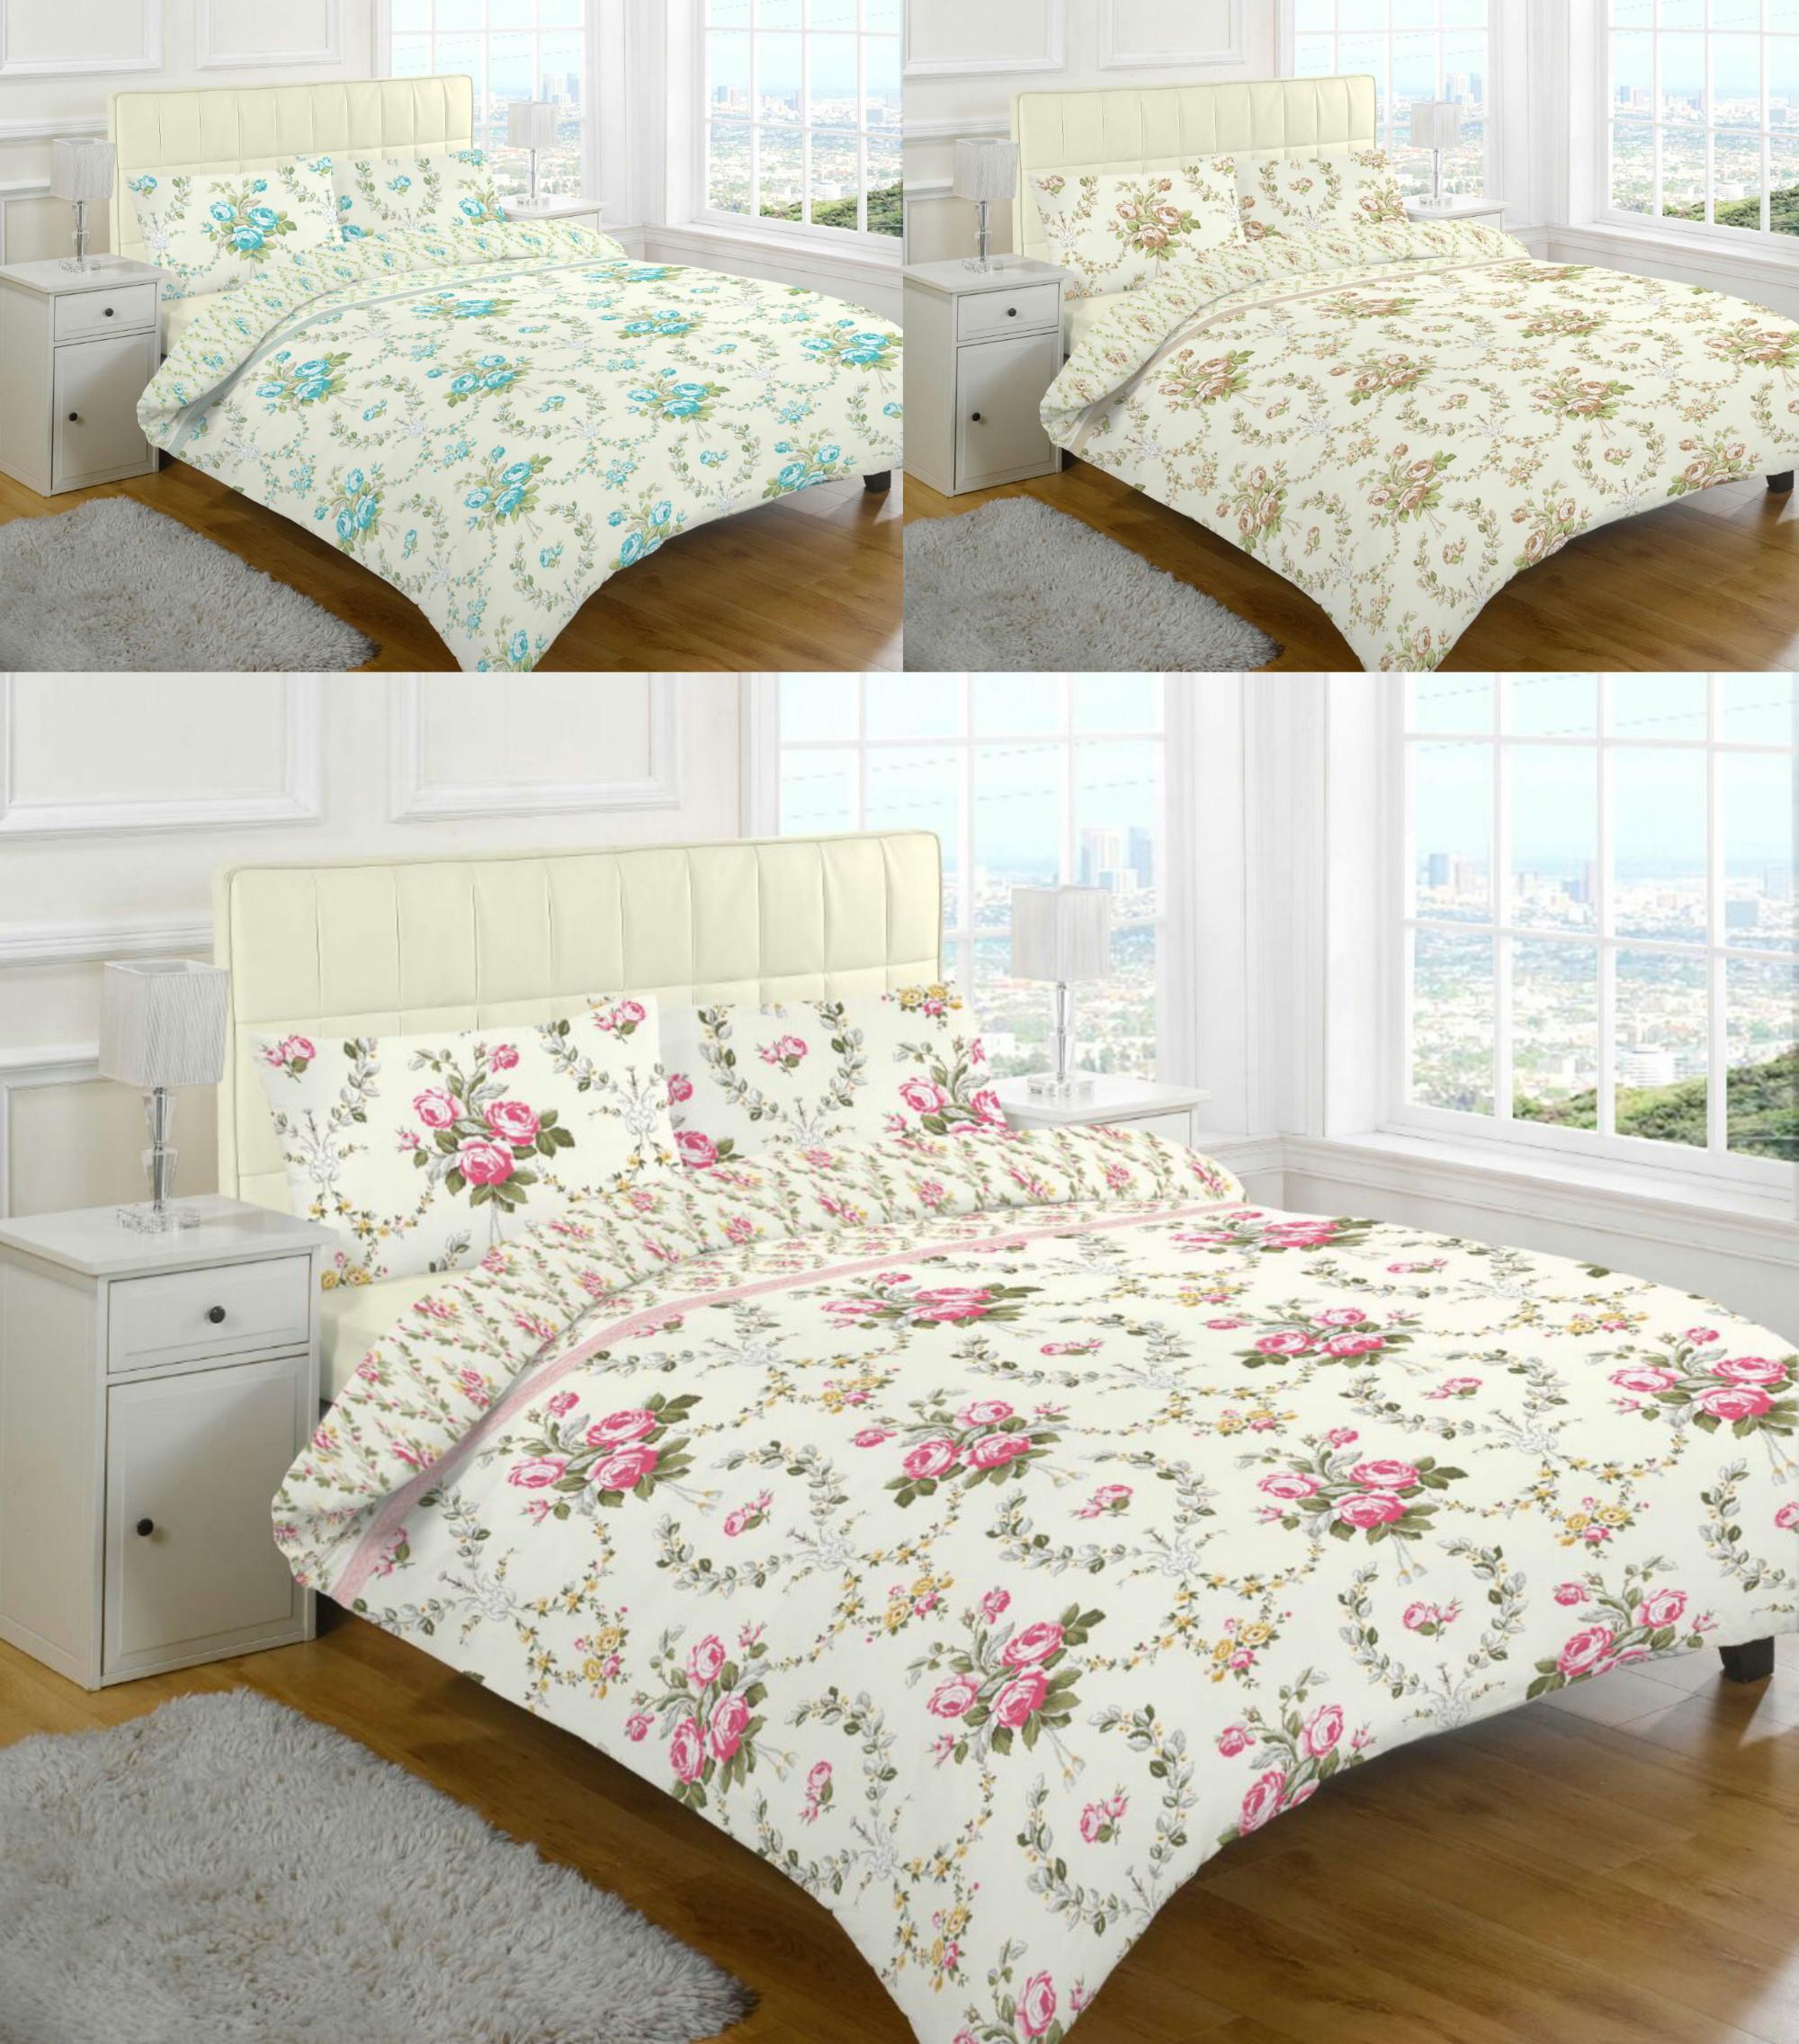 Olivia Floral Brushed Cotton Flannelette Thermal Duvet Cover Bedding Set